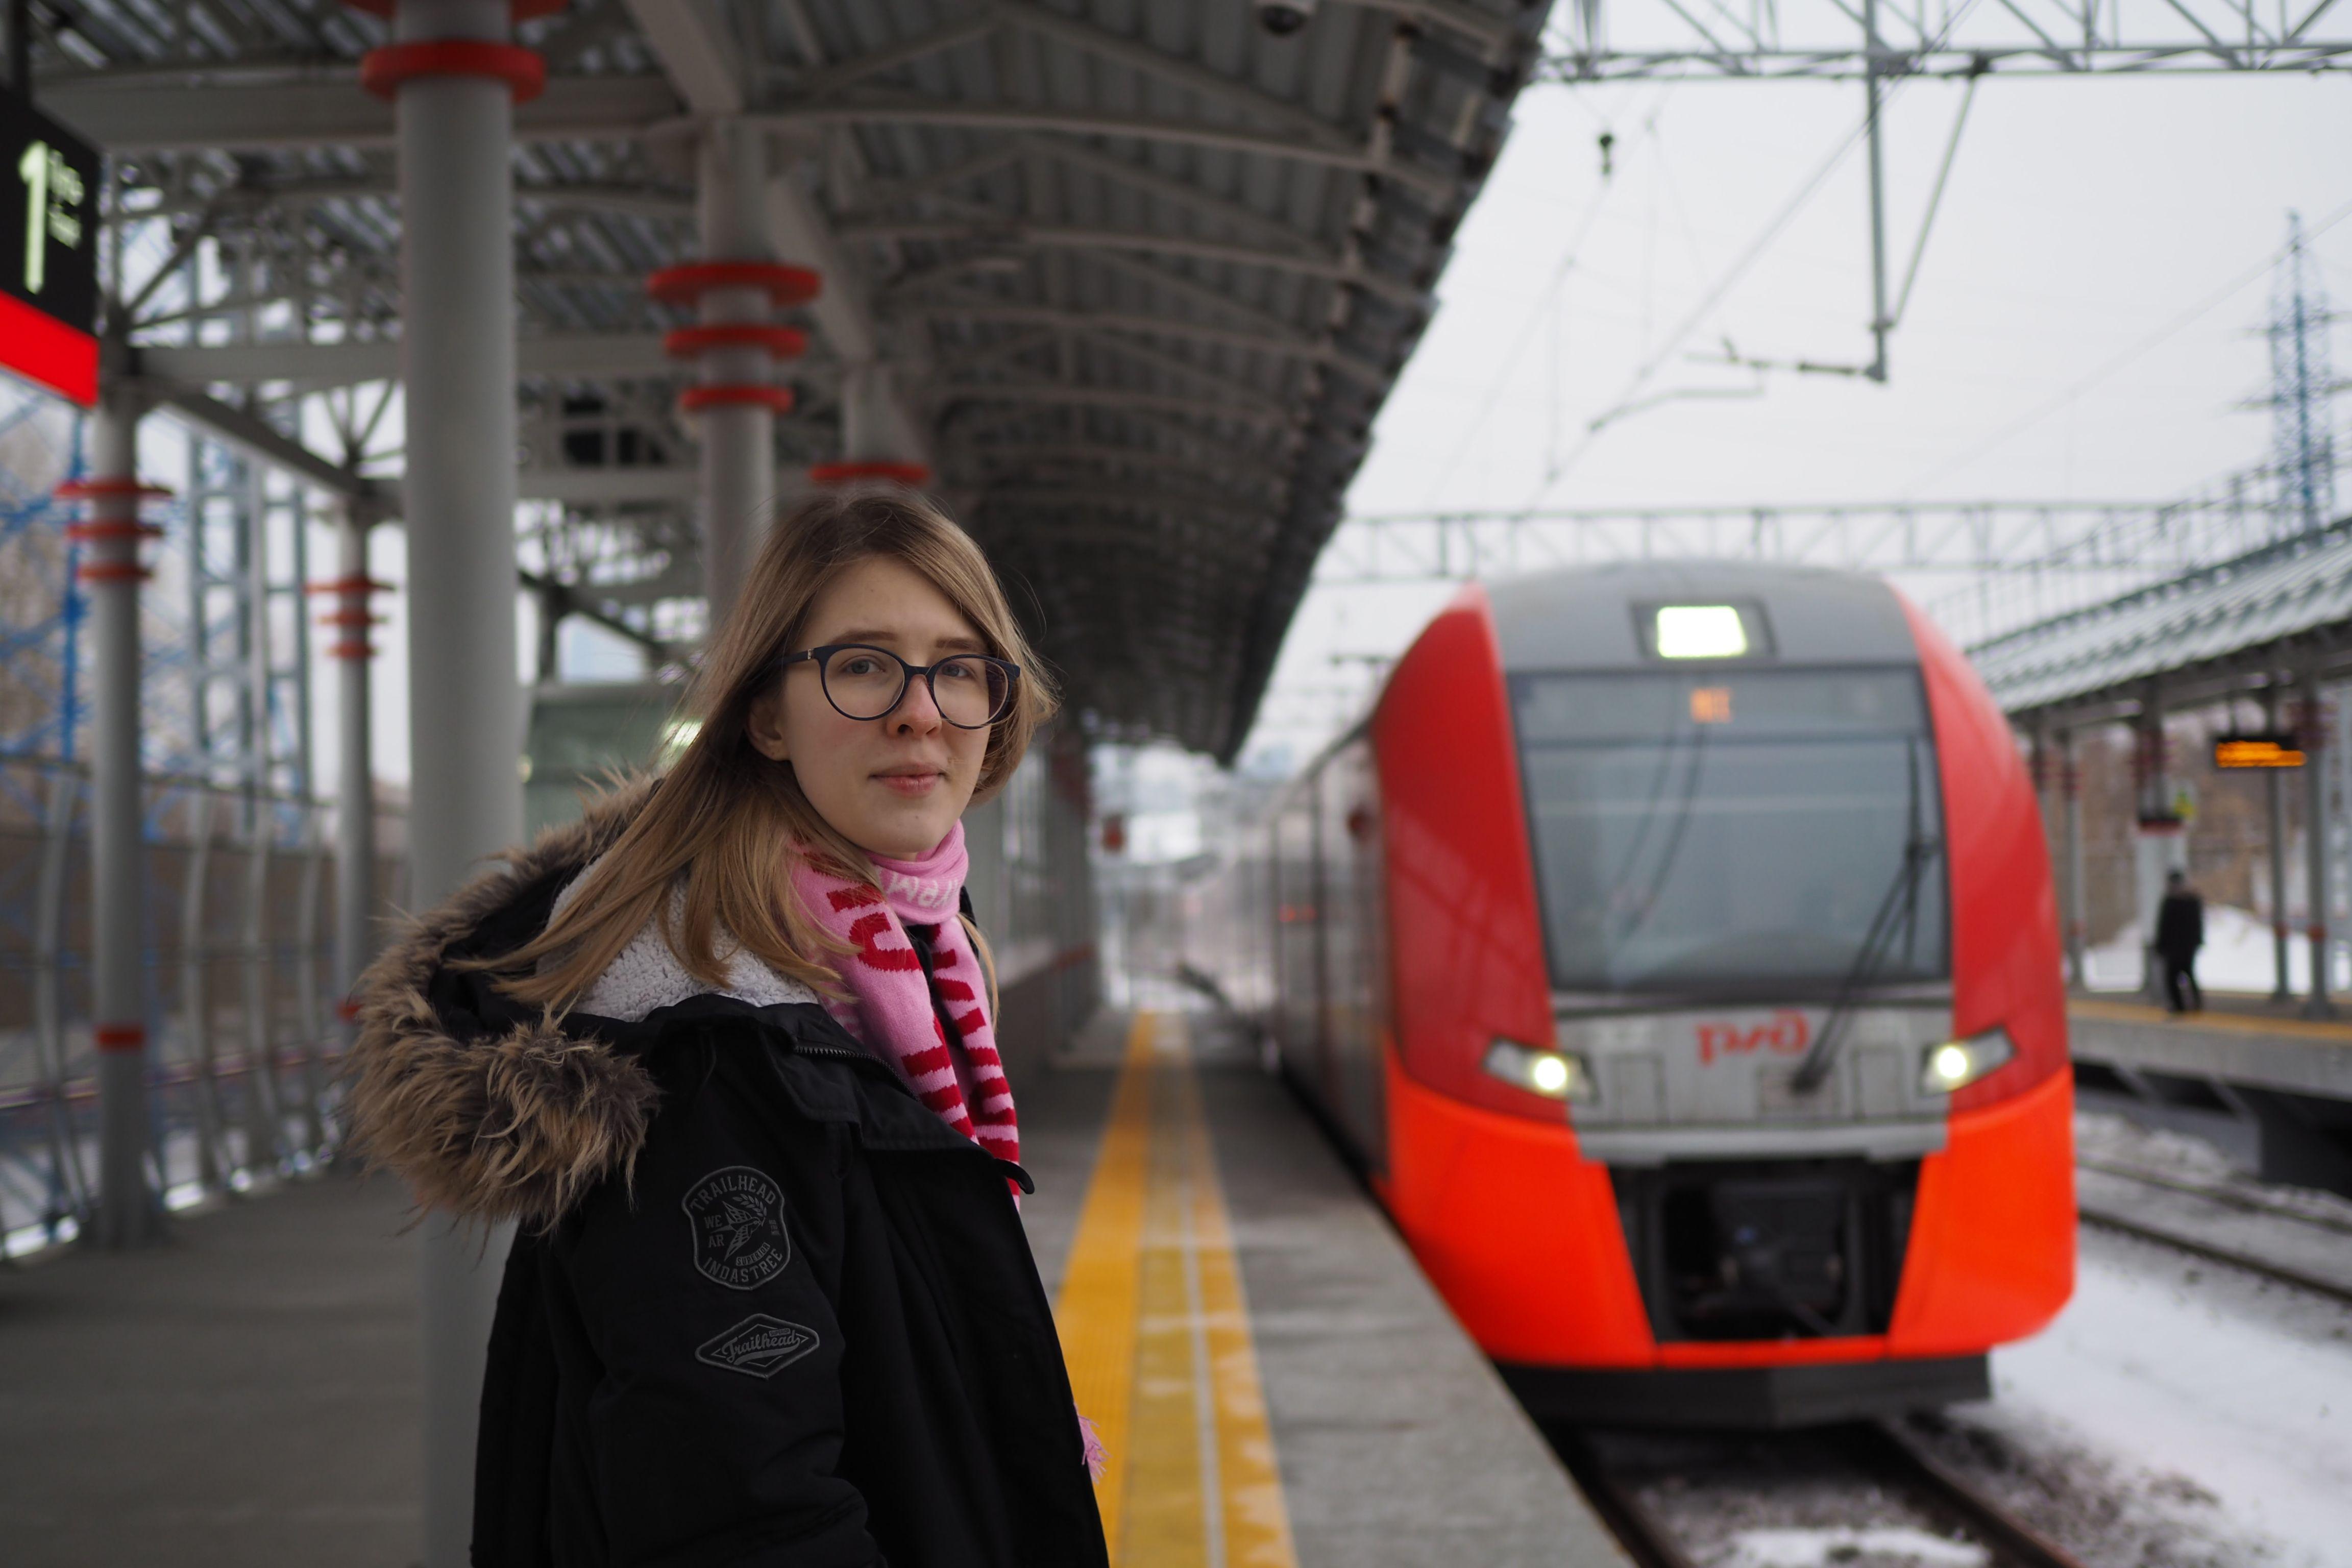 МЦК переведет «Ласточки» на график выходного дня 8 марта